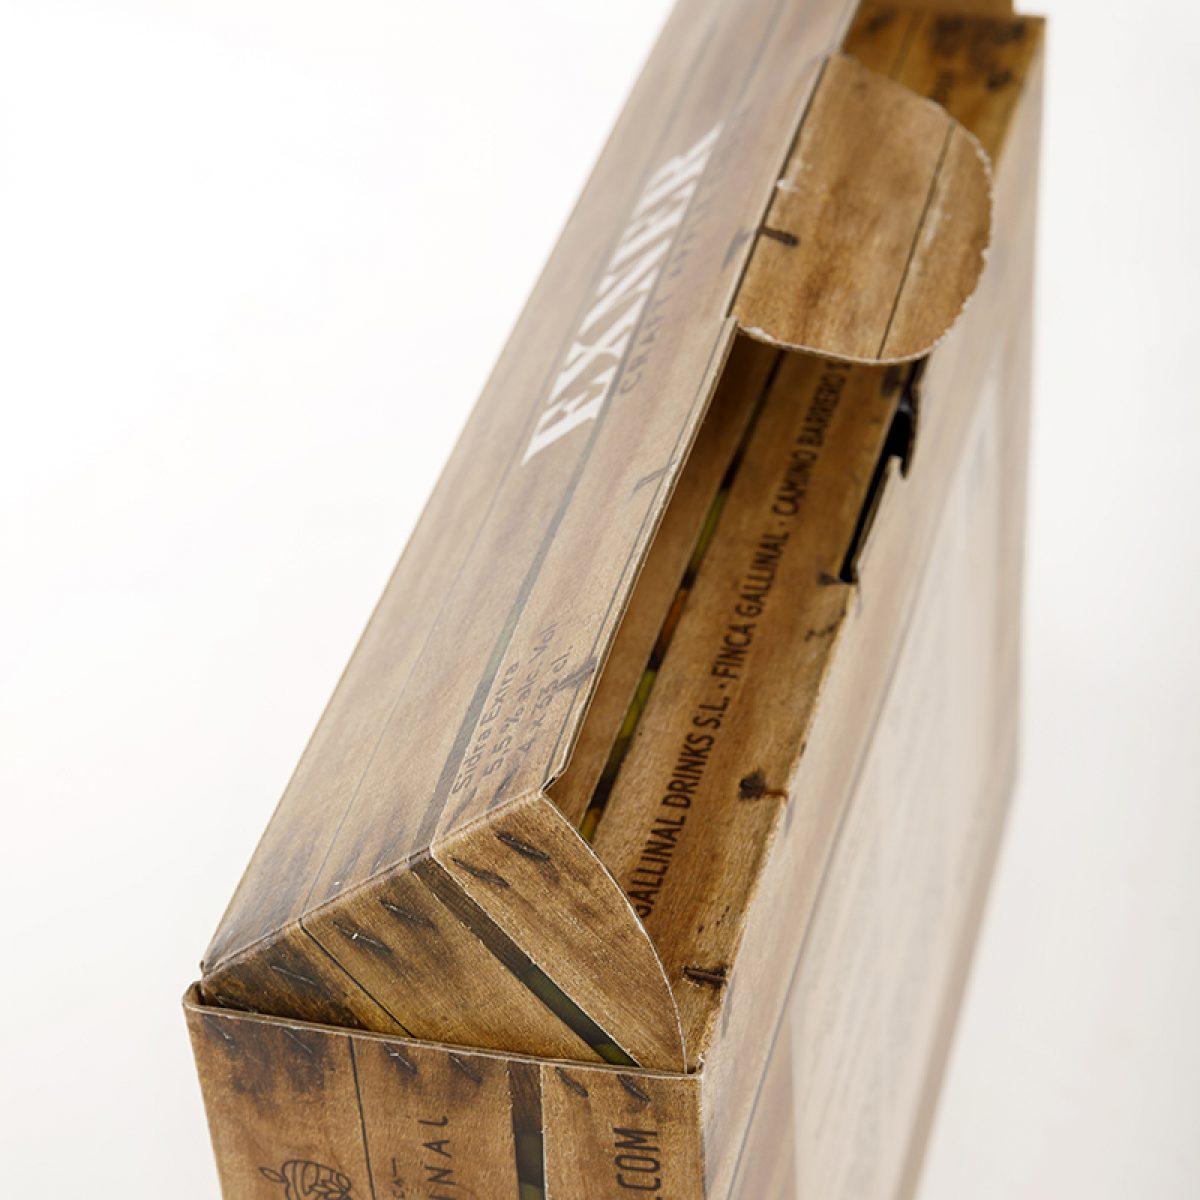 EXNER cider packaging